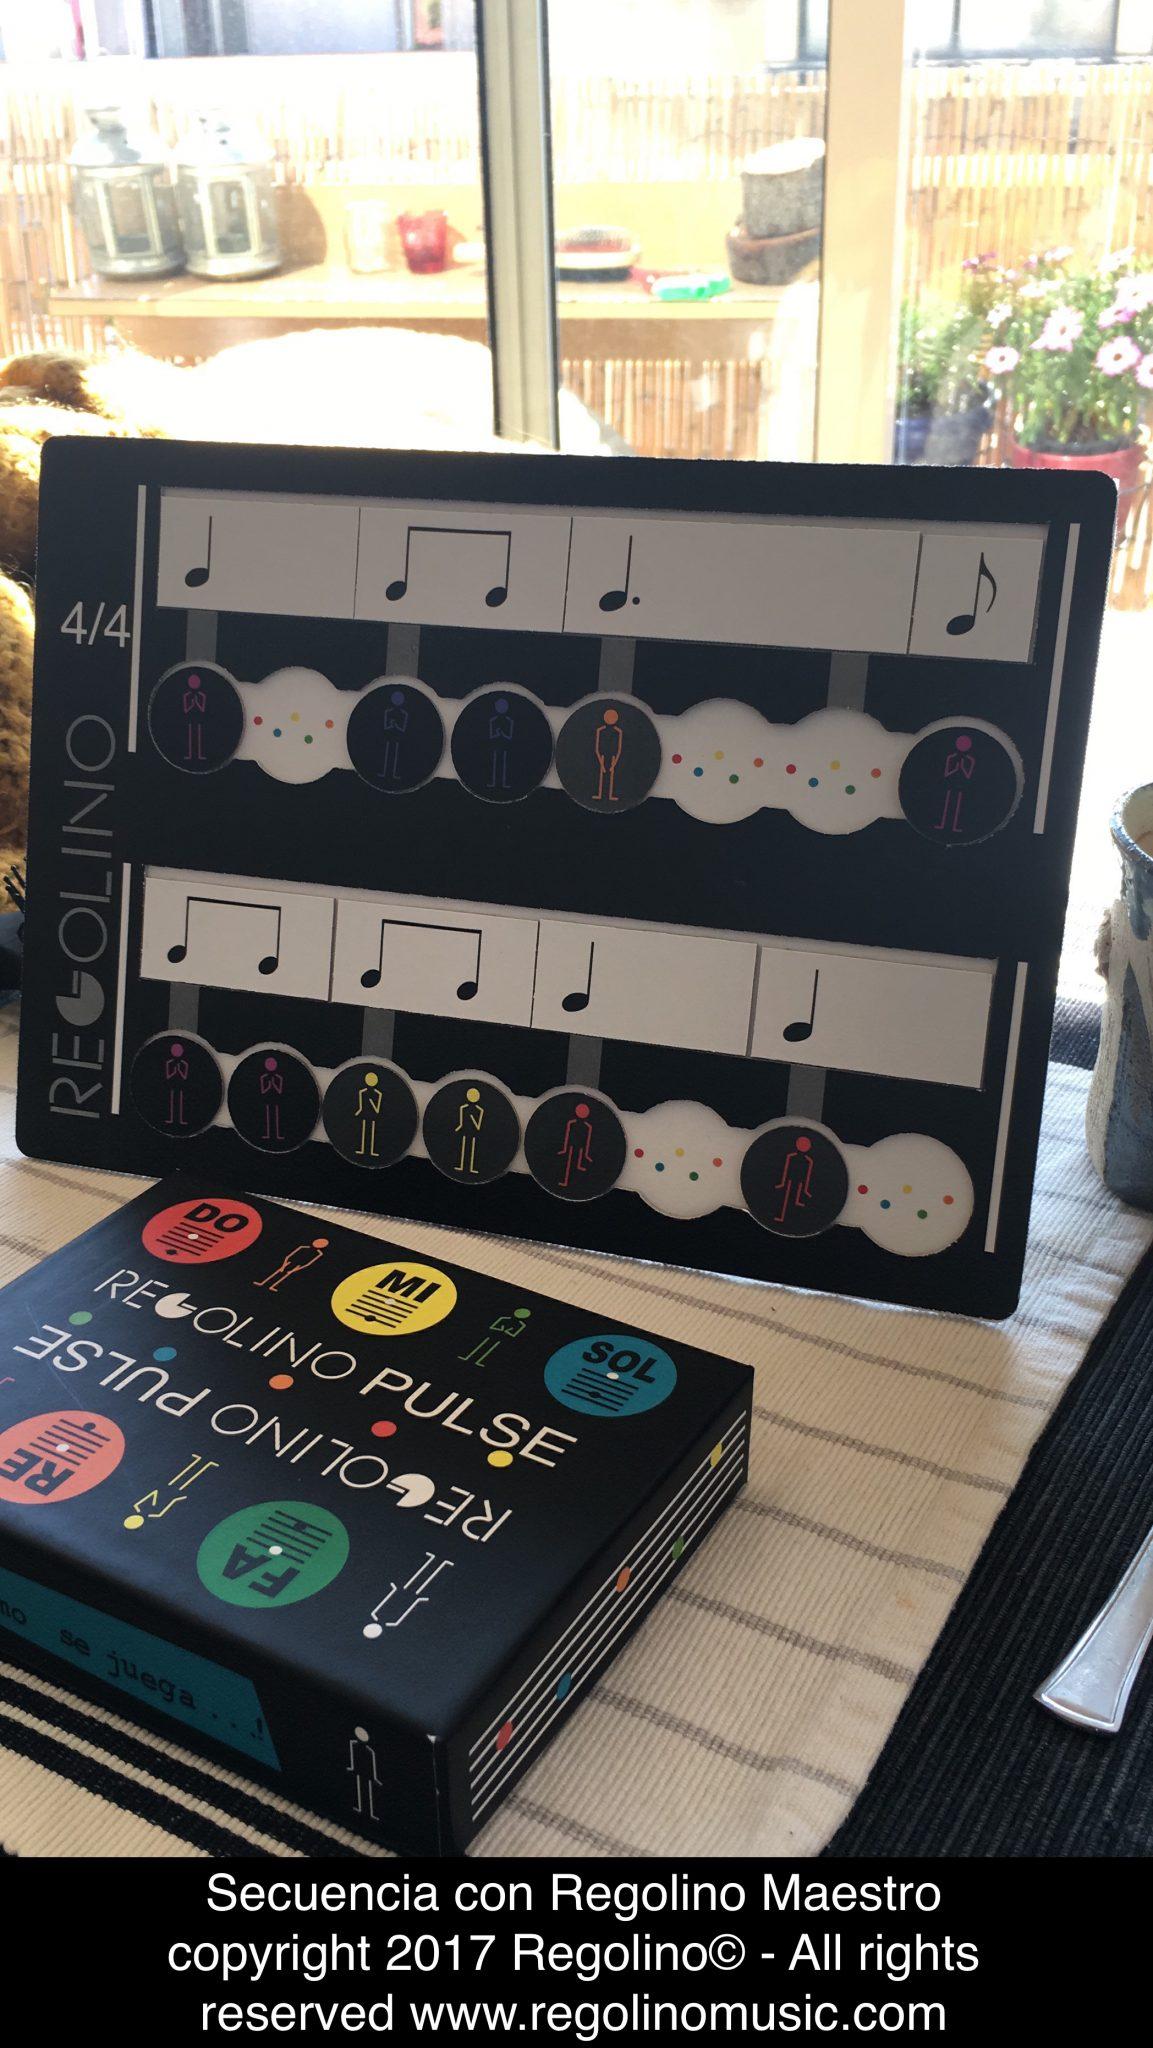 signos de percusión corporal para aprender musica